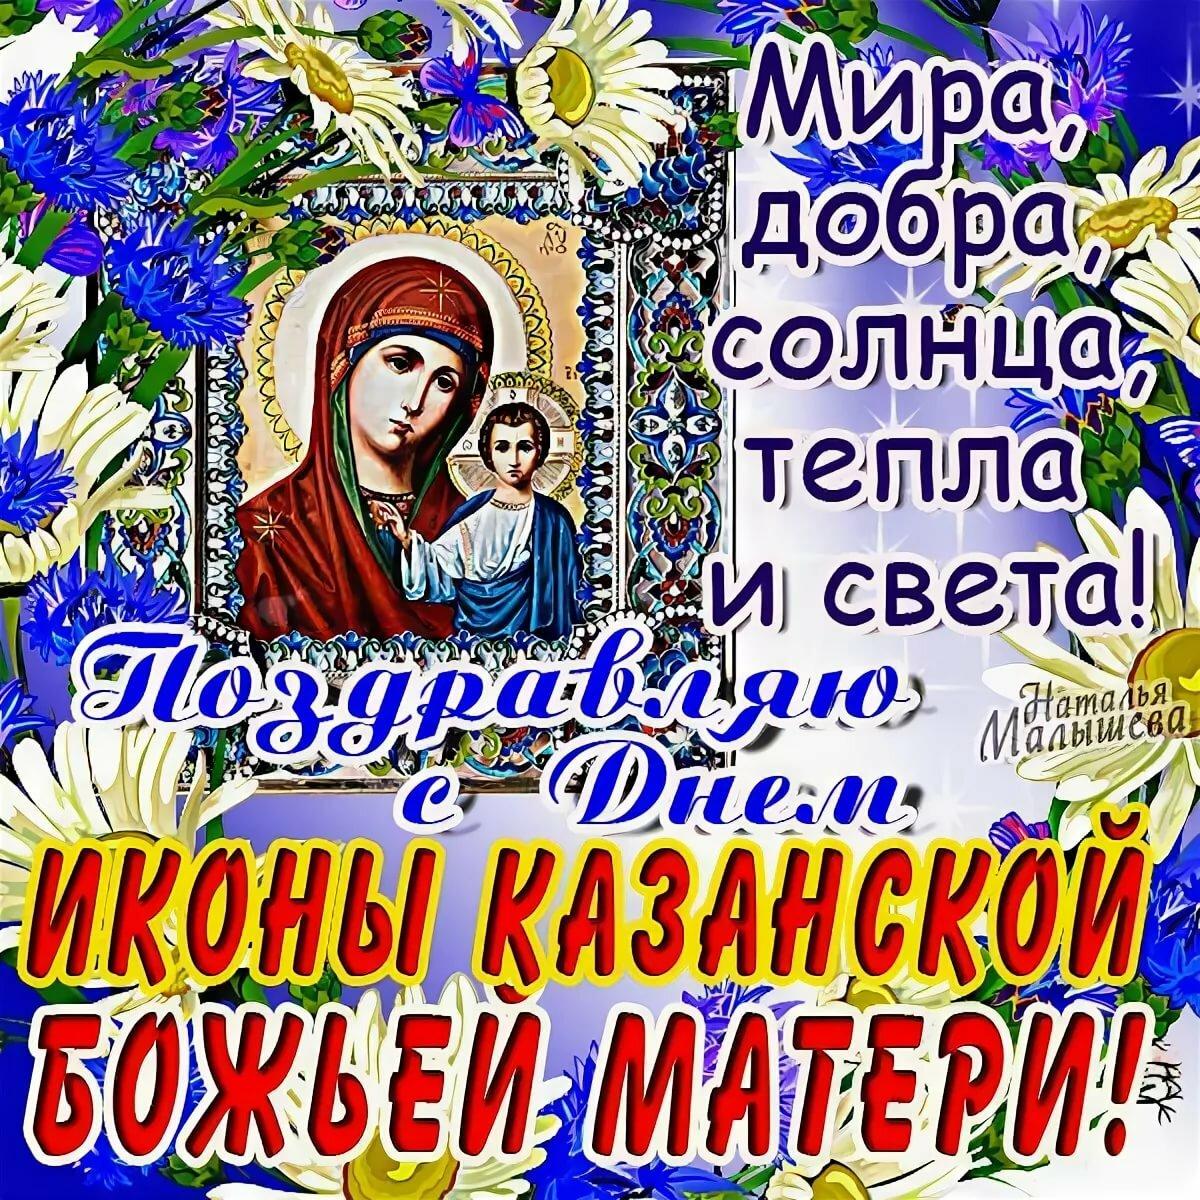 двух прожекторов, с днем казанской иконы открытки и поздравления будет начислена